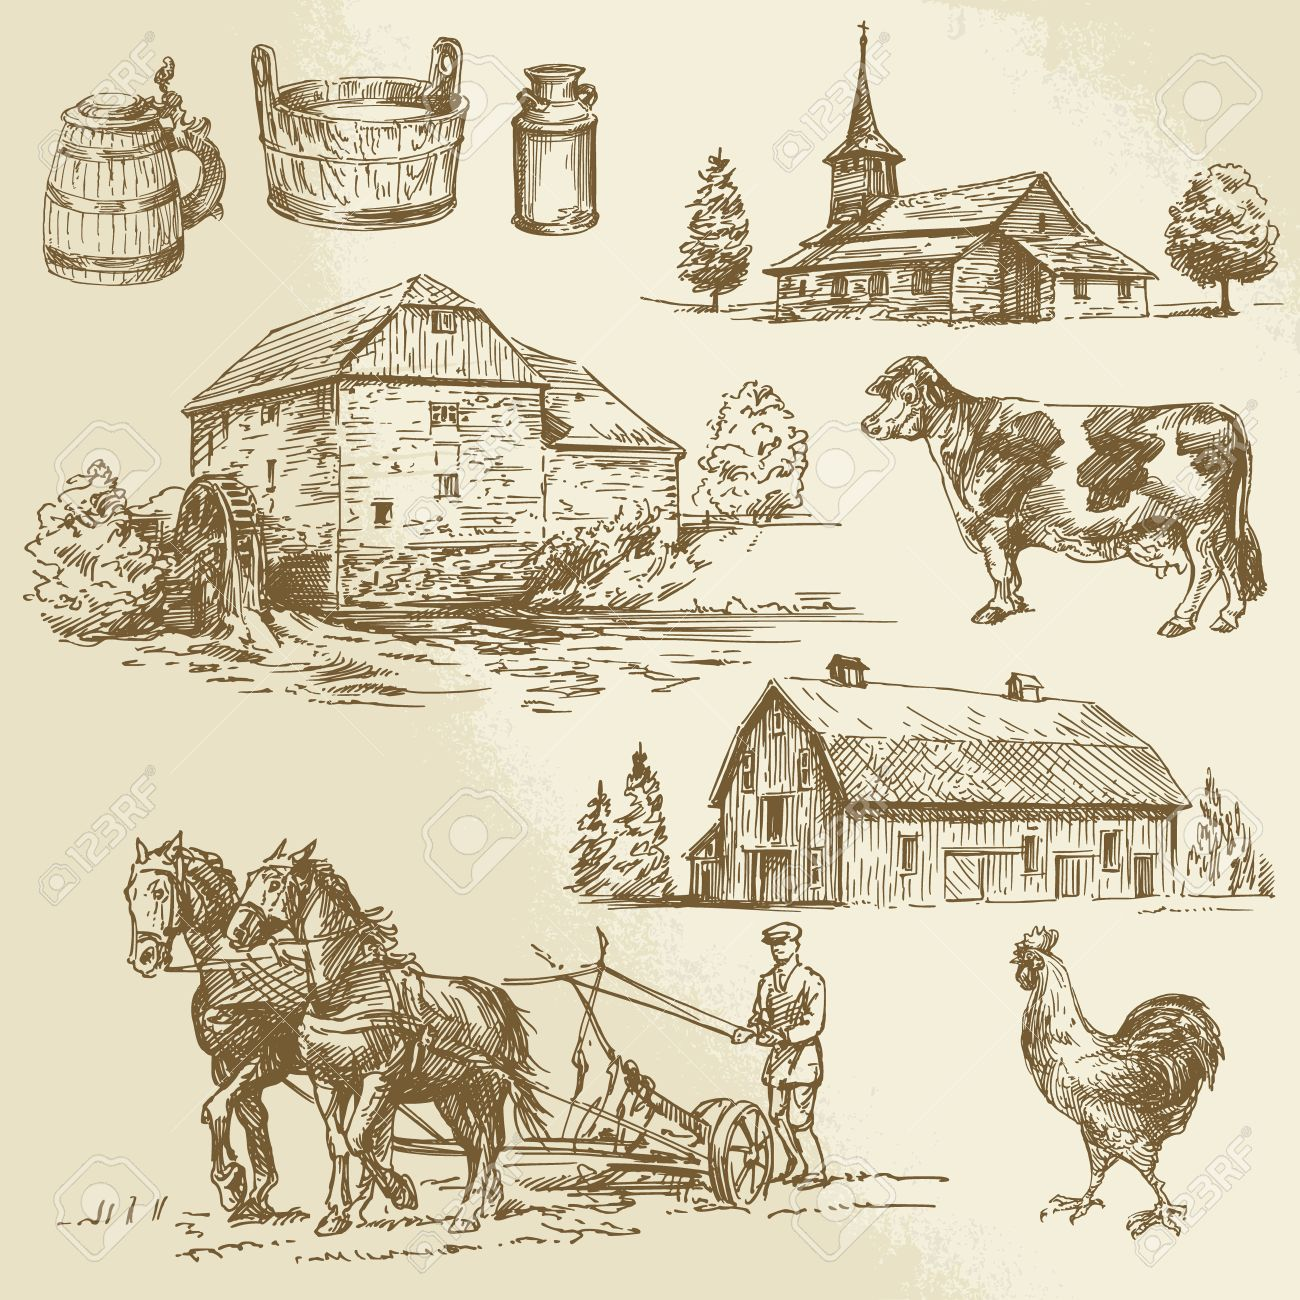 rural landscape, farm, hand drawn watermill Standard-Bild - 26590668